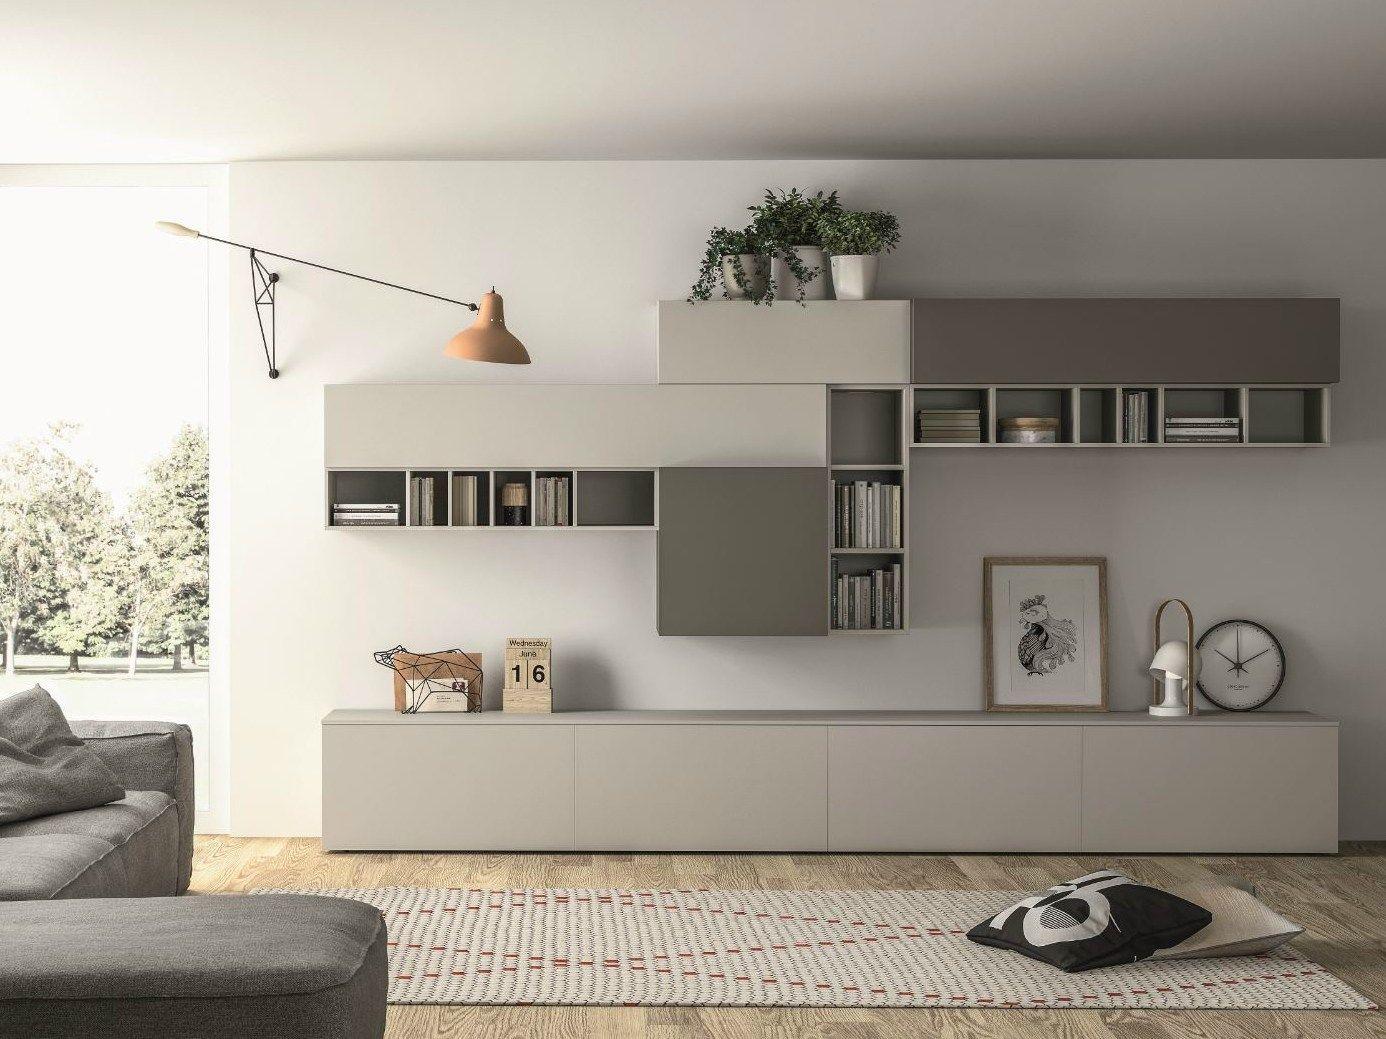 anbau lackierte wohnwand slim 89 dall agnese wohnzimmer pinterest wohnzimmer m bel und. Black Bedroom Furniture Sets. Home Design Ideas